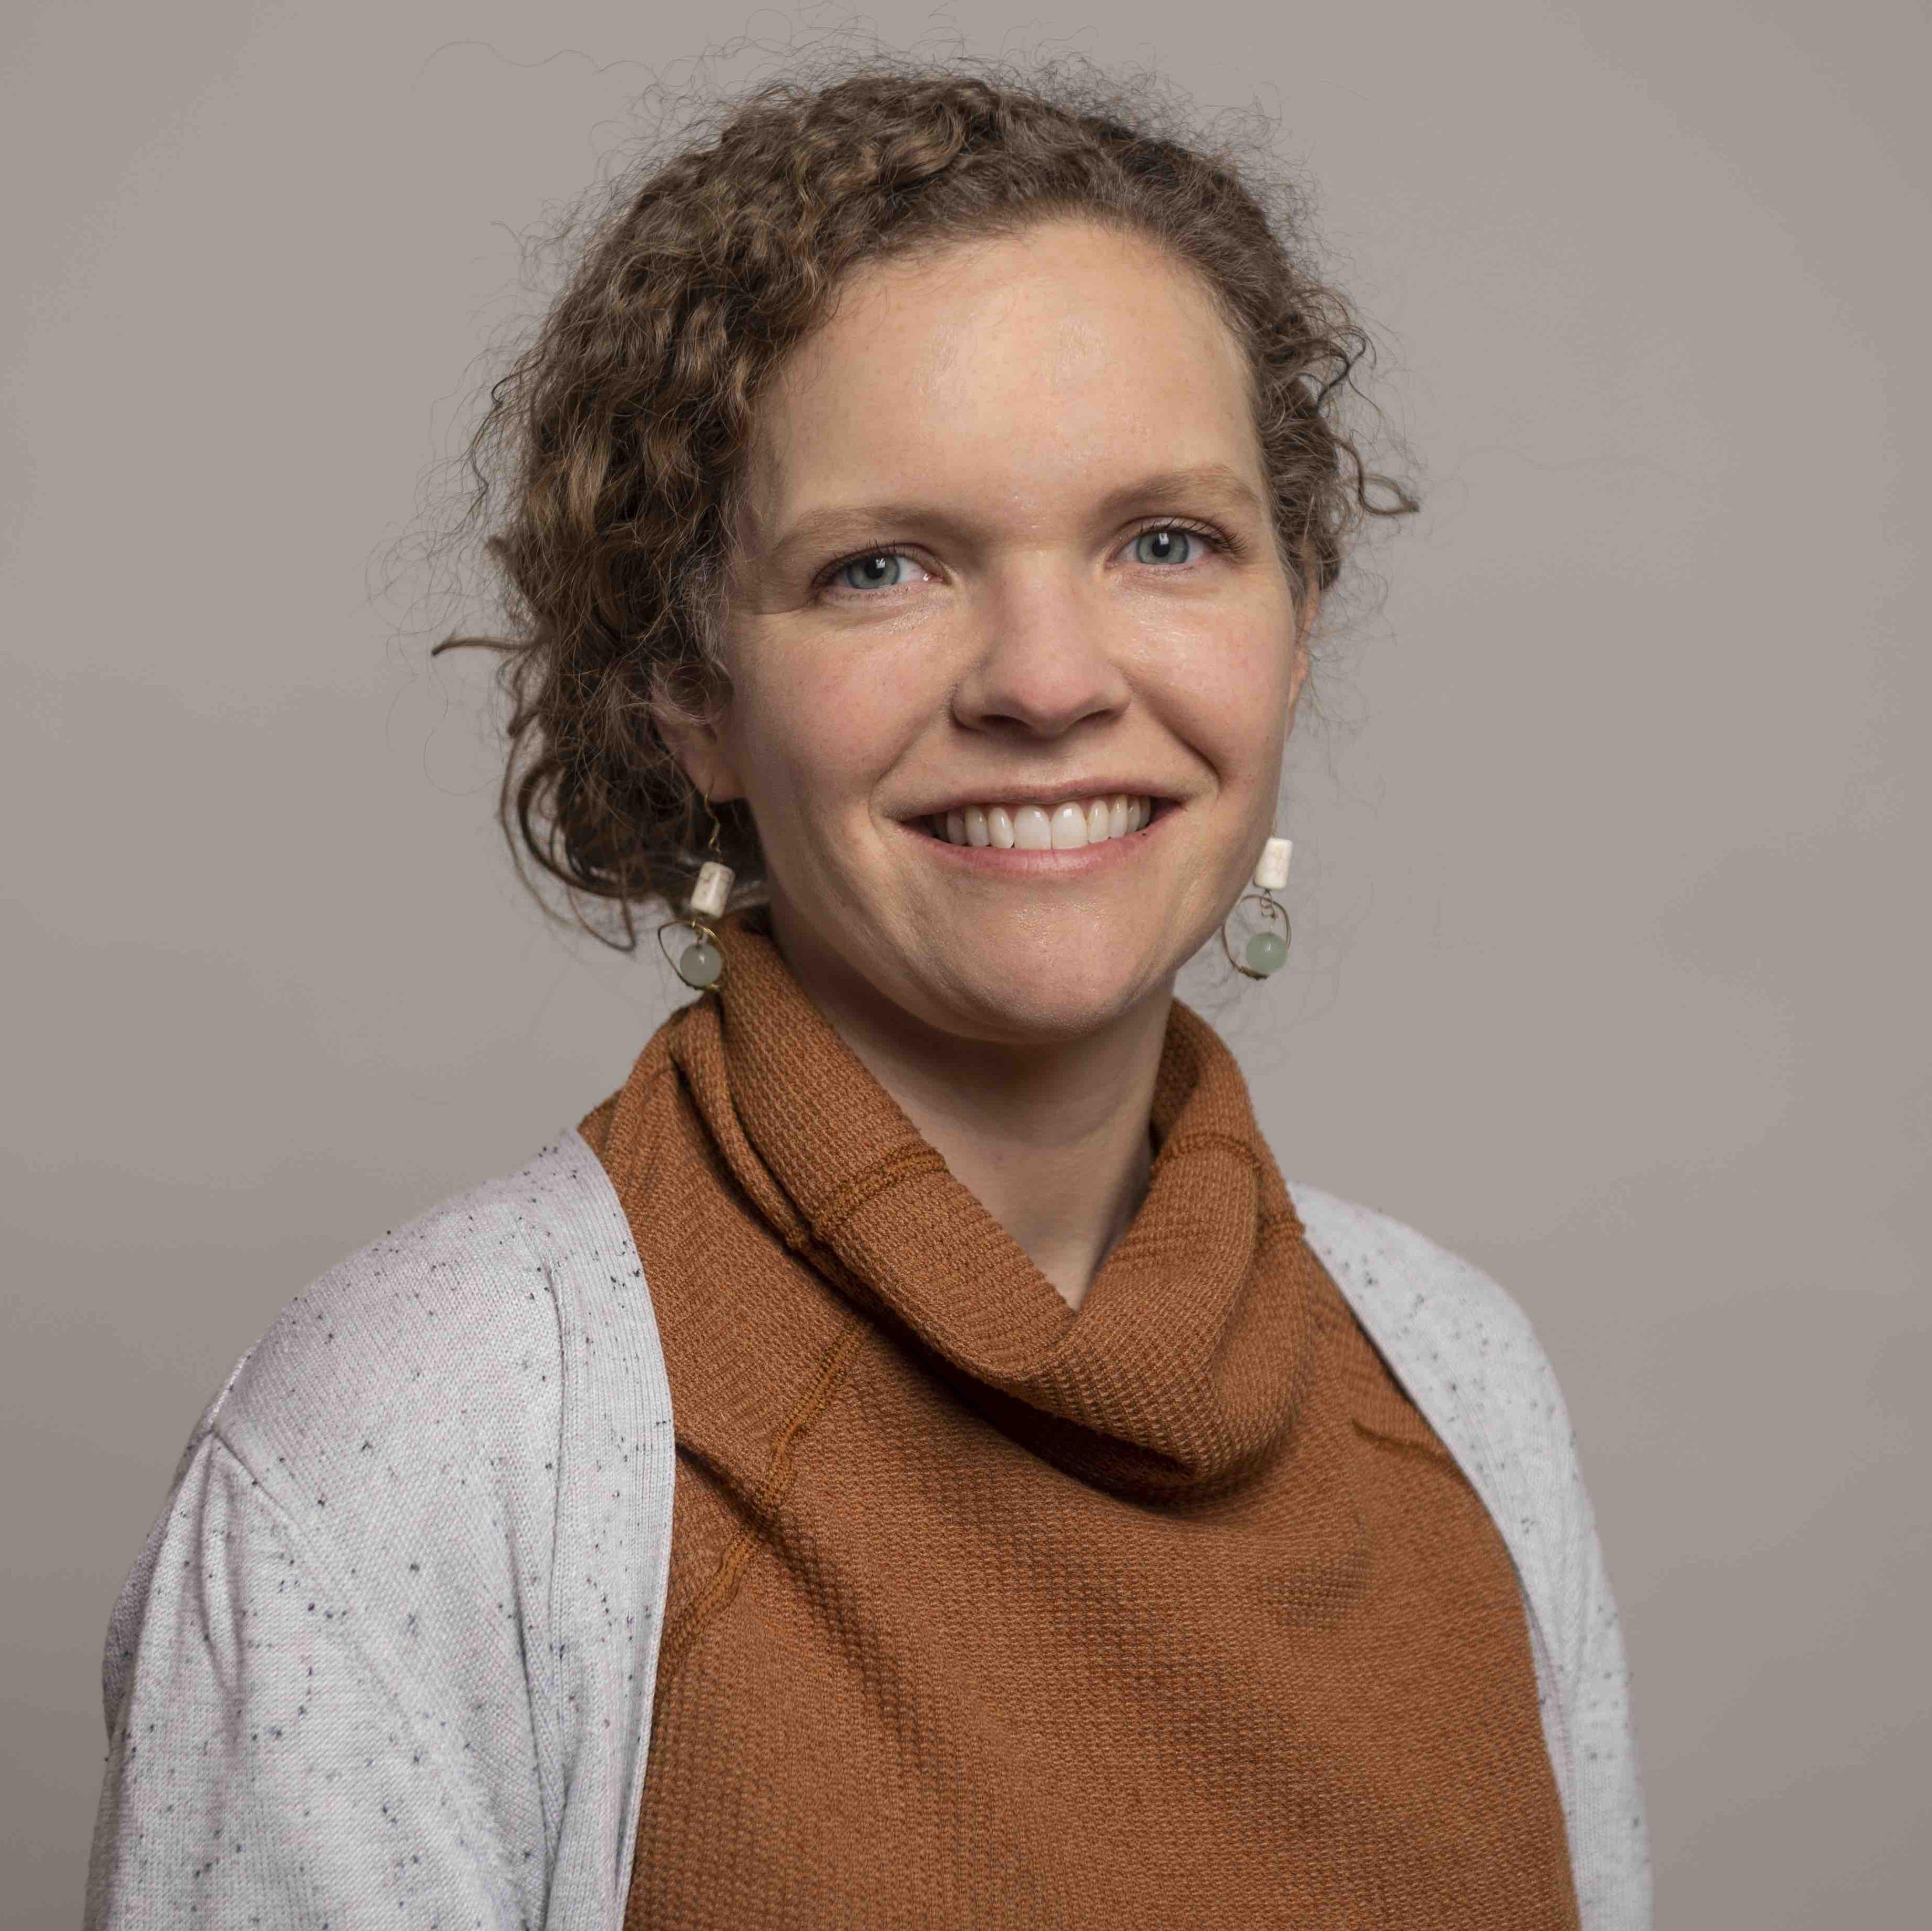 Sarah Reese